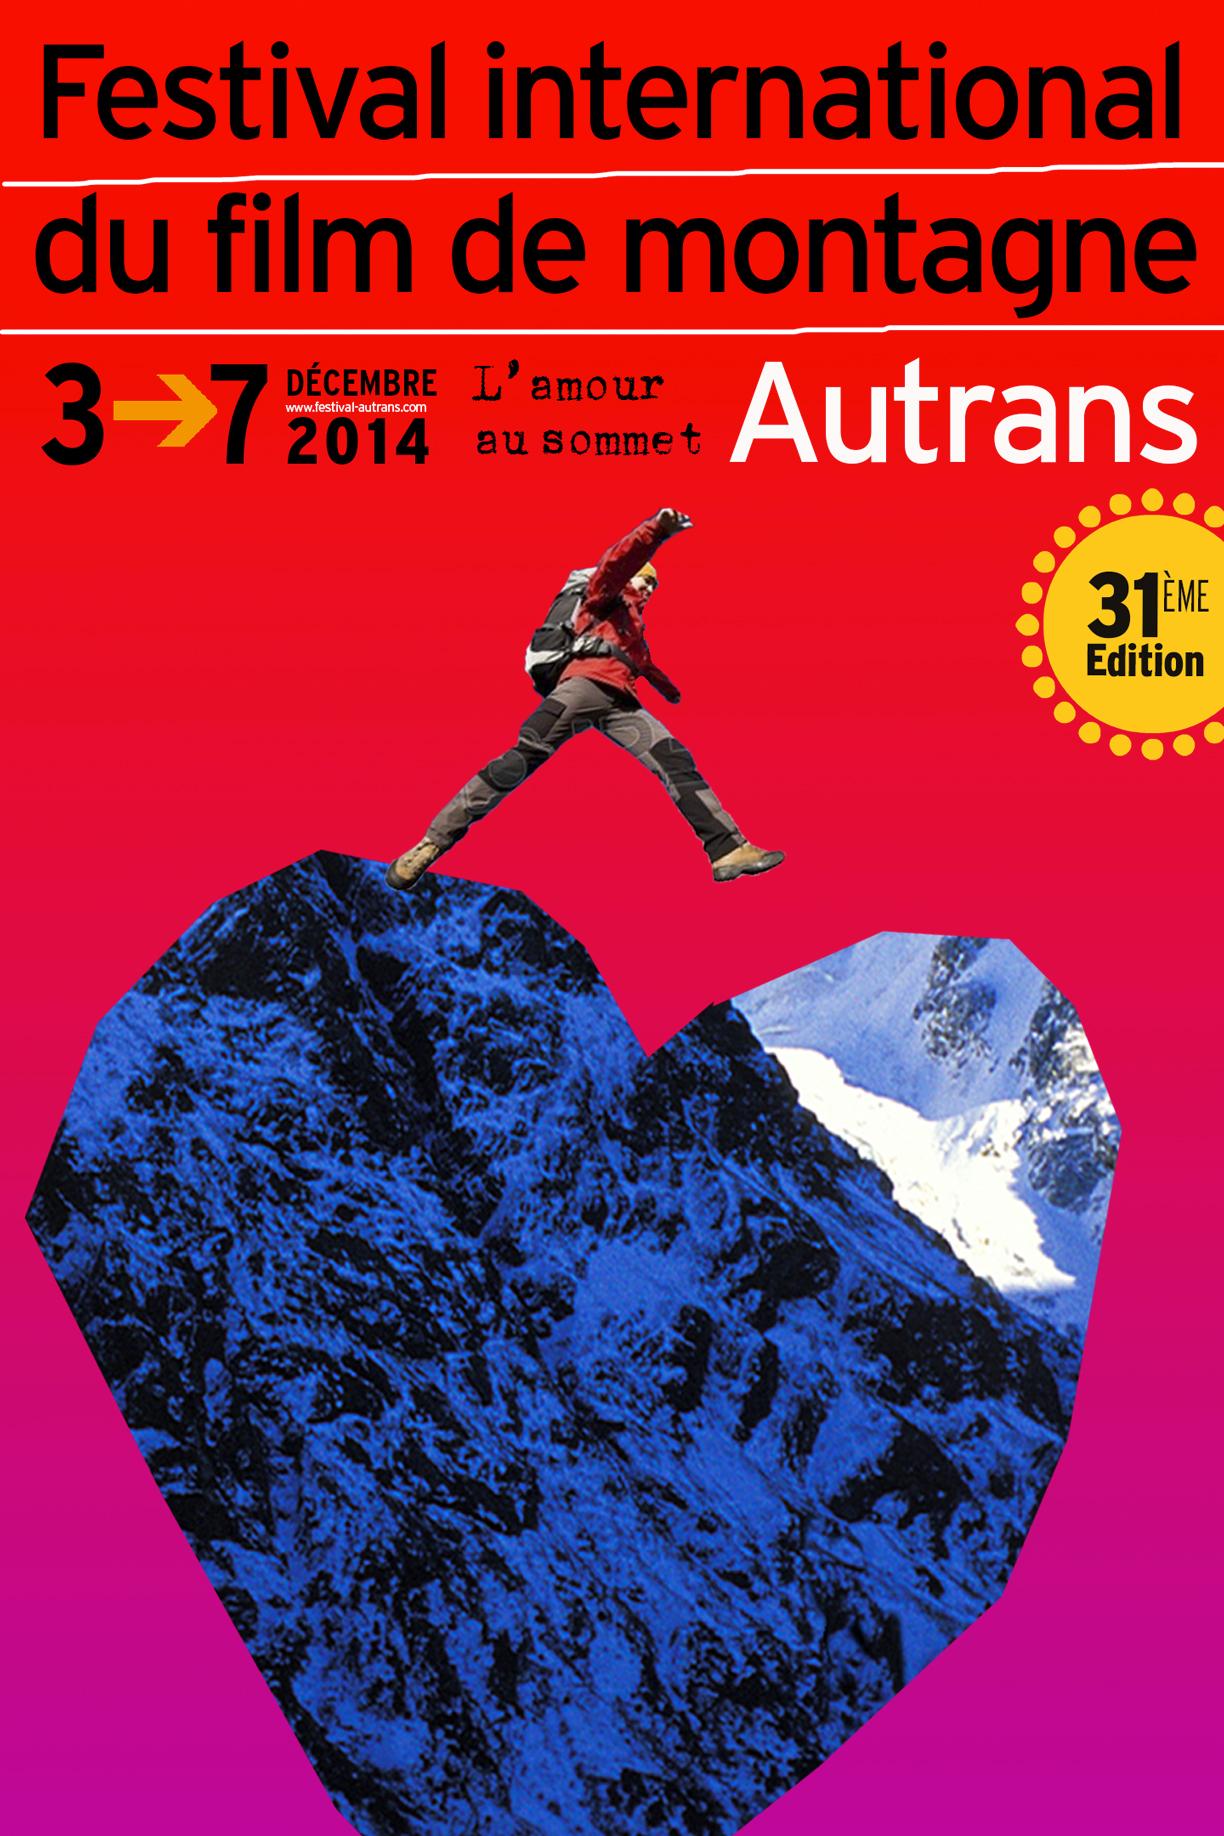 Affiche-Autran-festival-montagne